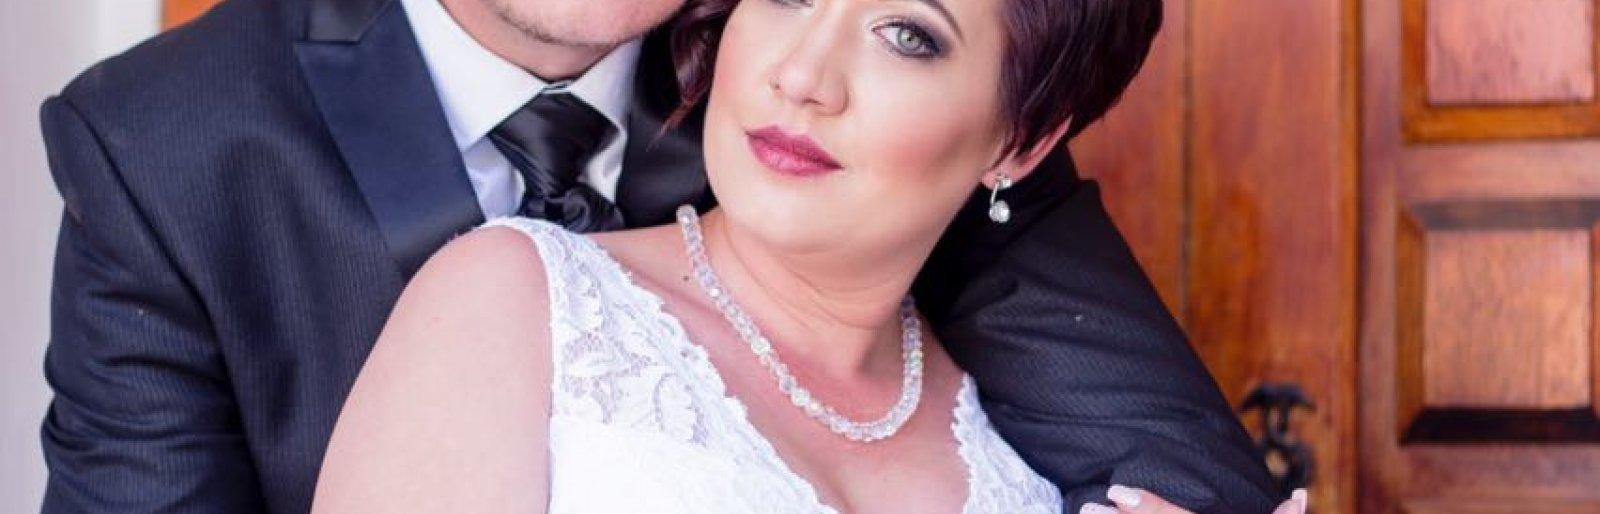 Tracy Ann Delport